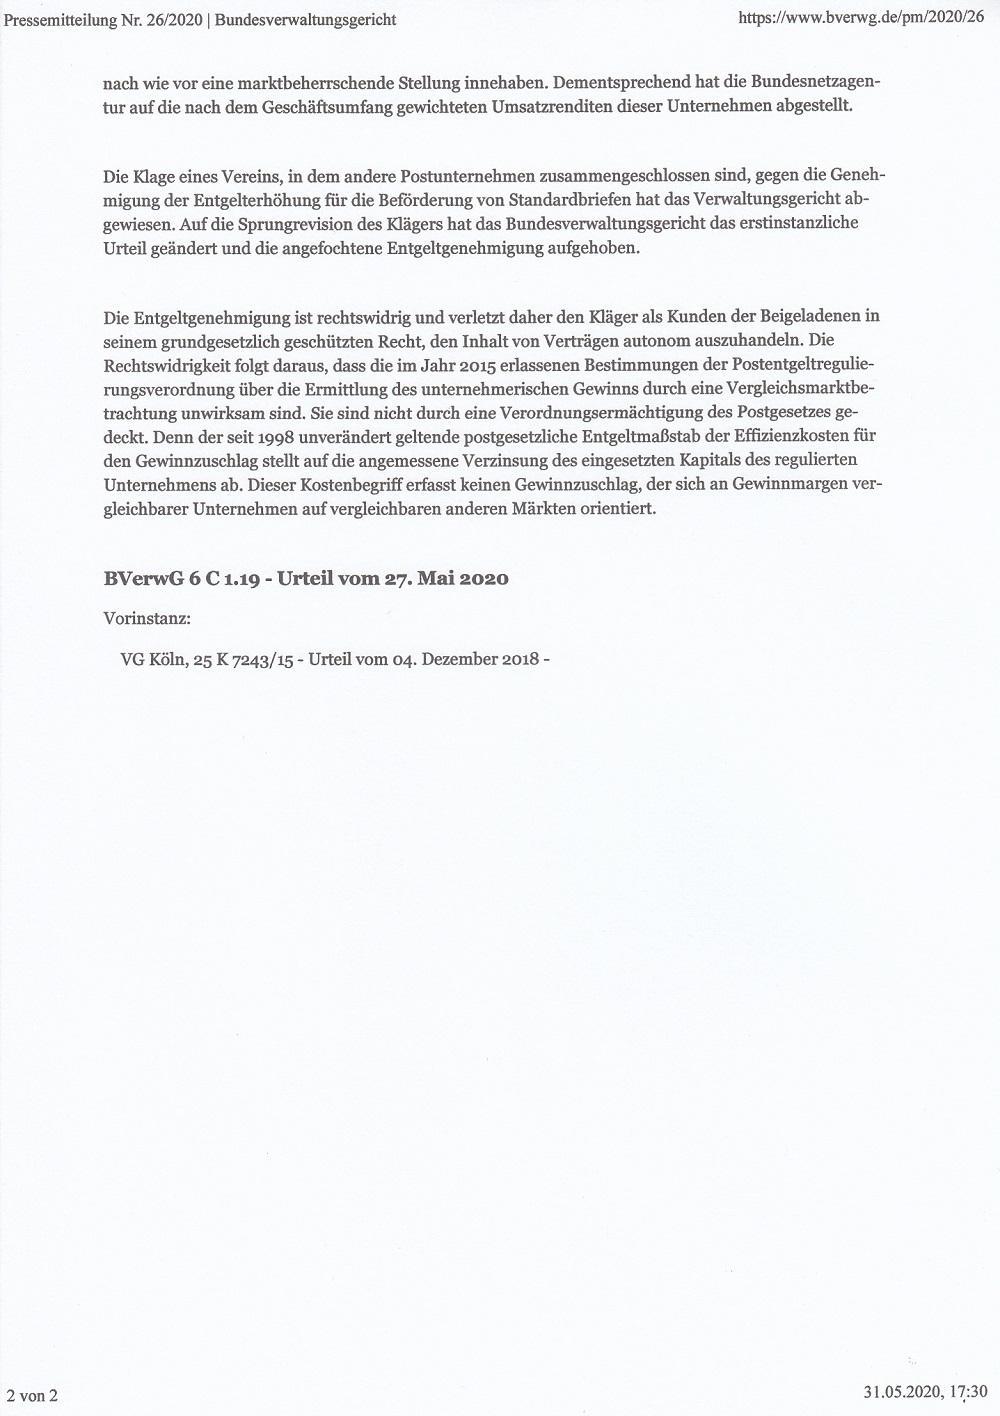 Bundesverwaltungsgericht: Portoberechnung war rechtswidrig Rw210